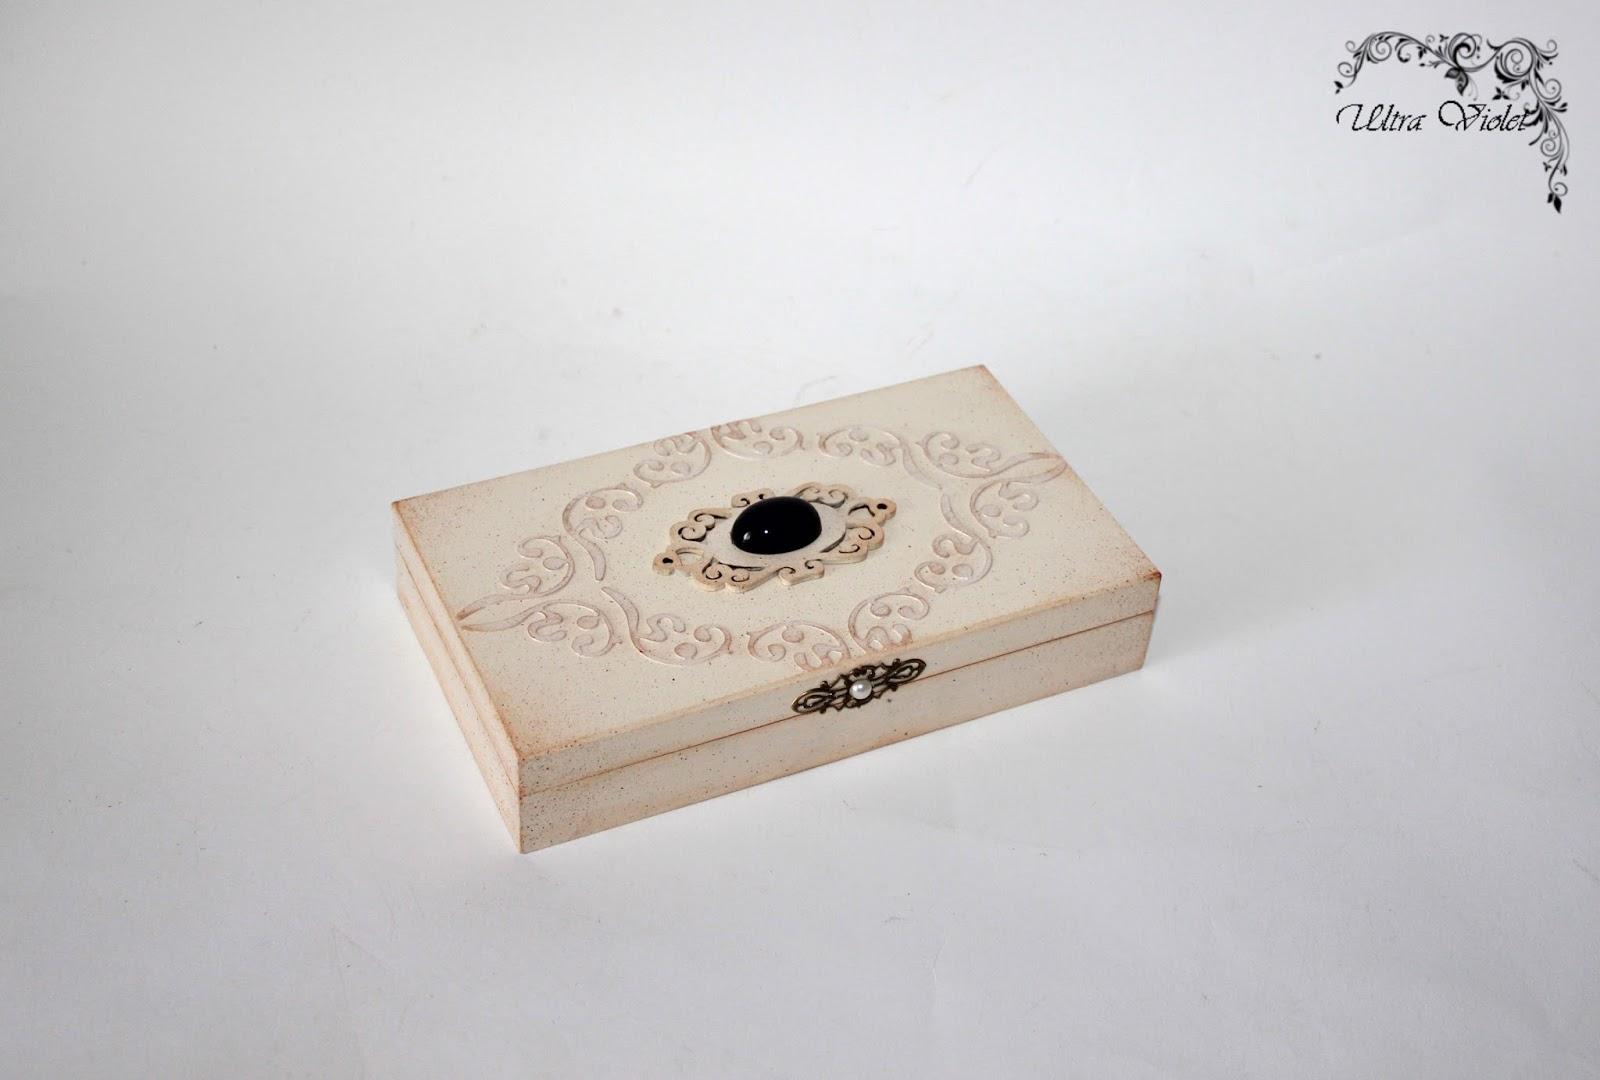 Ultra Violet Exklusive Geschenke Geldgeschenk Box